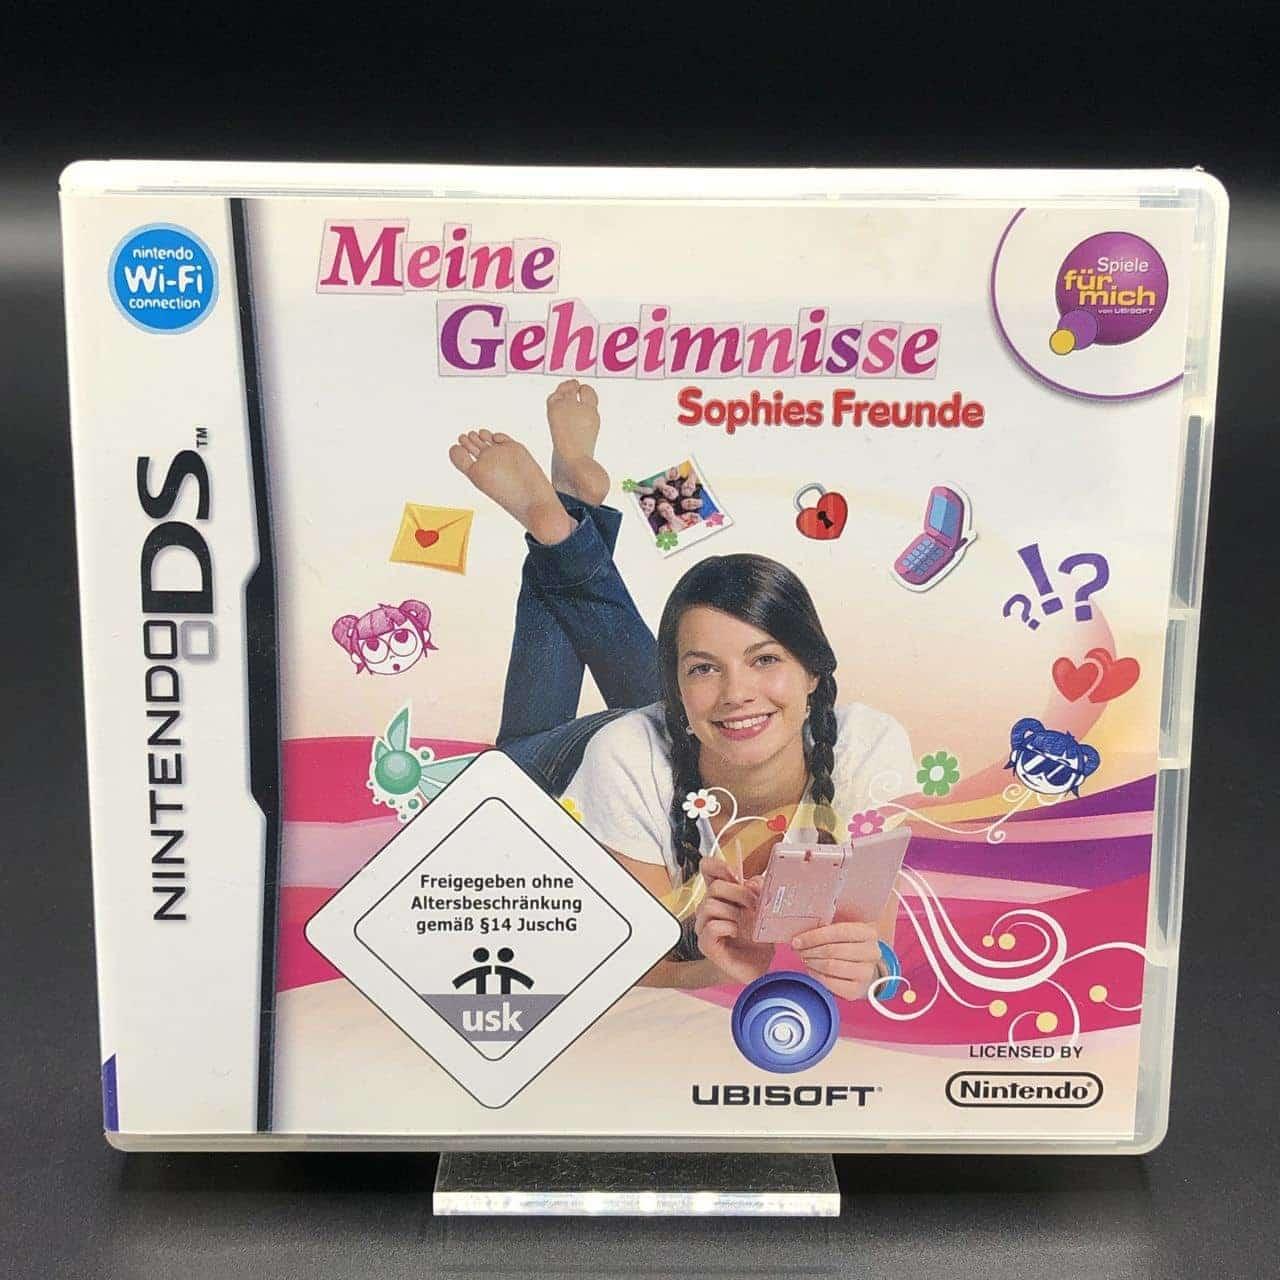 Meine Geheimnisse: Sophies Freunde (Komplett) (Sehr gut) Nintendo DS